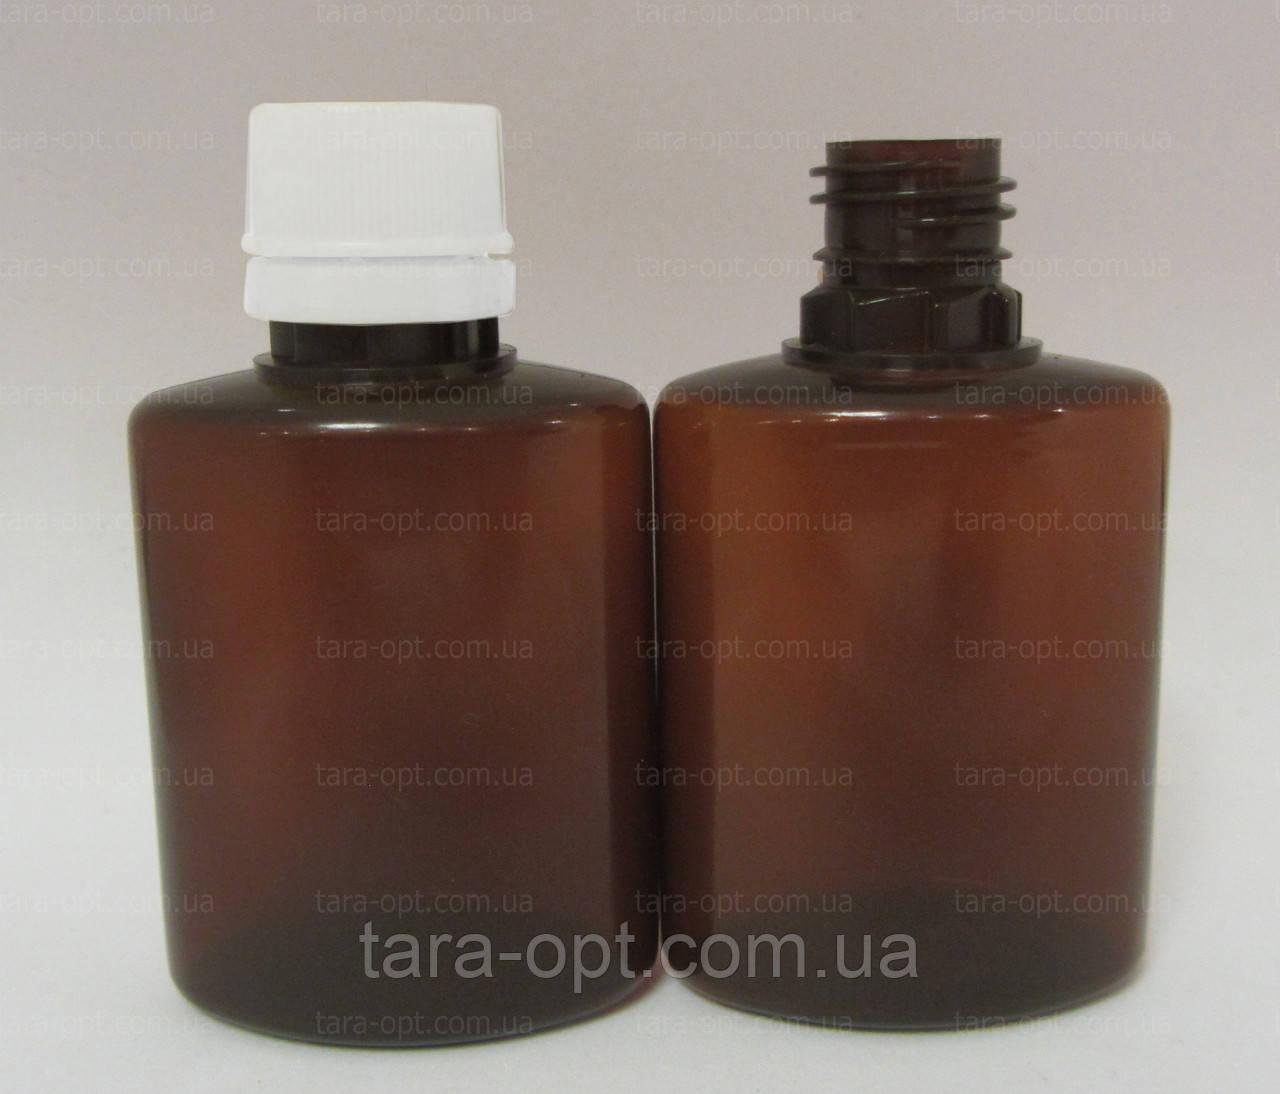 Флакон коричневый 30 мл, (Цена от 1,80 грн)*